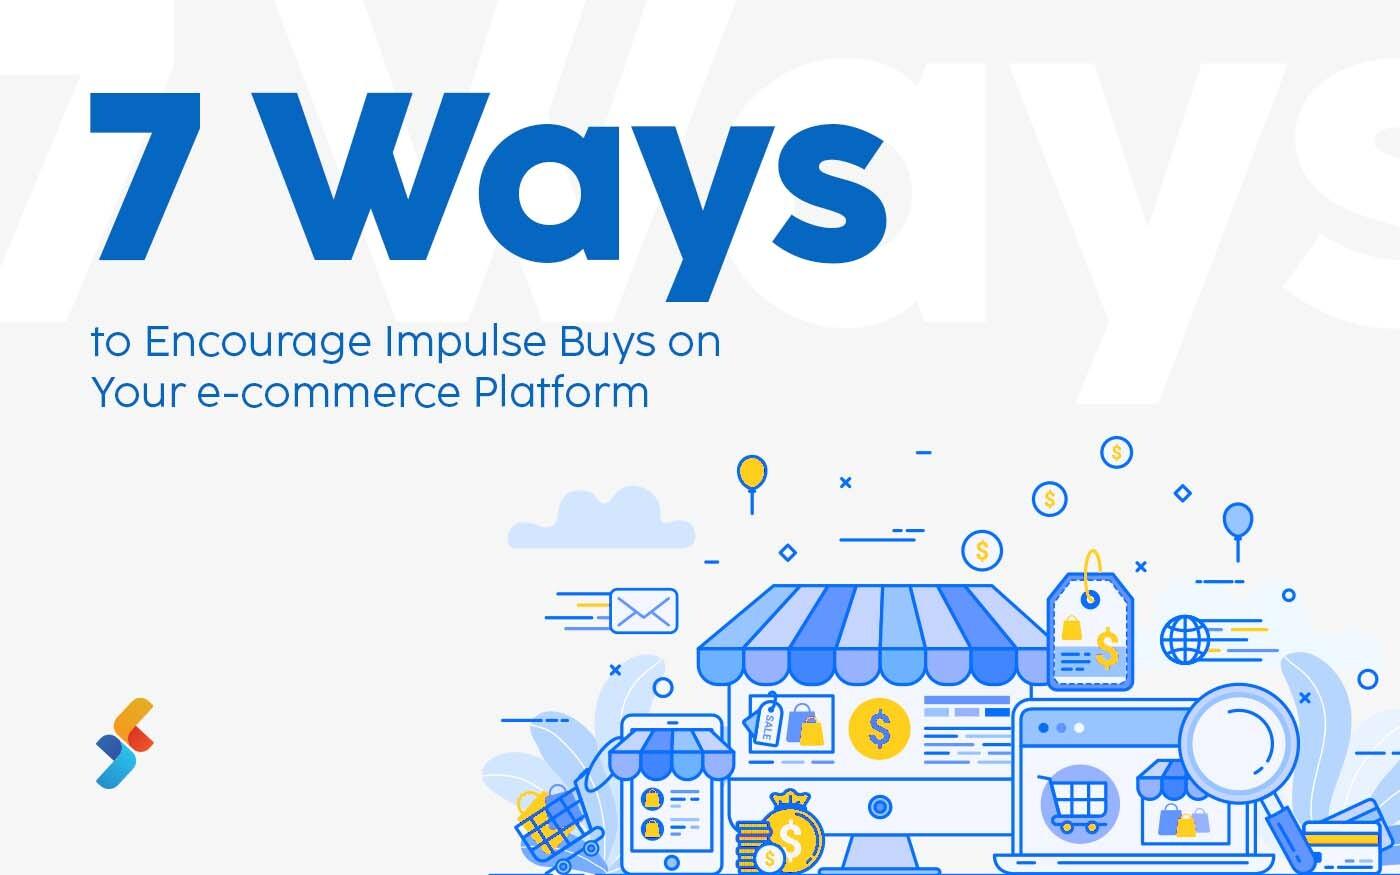 7 Ways to Encourage Impulse Buys on Your E-Commerce Platform